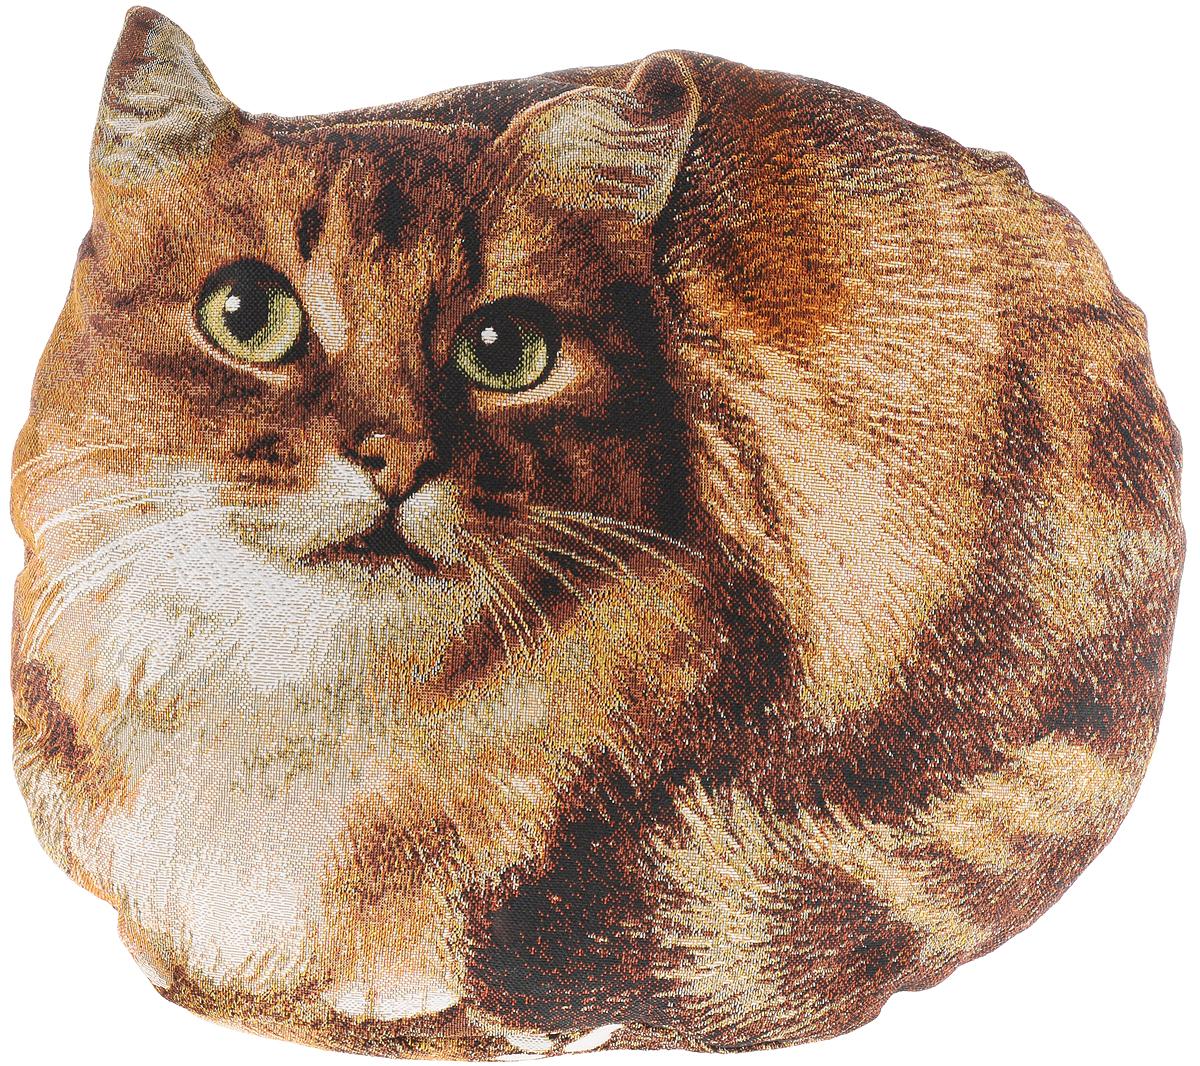 """Декоративная подушка Рапира """"Пушок"""" прекрасно  дополнит интерьер спальни или гостиной. Она выполнена  в форме кошки. Чехол подушки изготовлен с гобеленовой  фотопечатью из 50% хлопка и 50% полиэфира. Внутри -  мягкий наполнитель из холлофайбера. Чехол не  снимается.  Красивая подушка создаст атмосферу уюта и комфорта  в спальне и станет прекрасным элементом декора."""